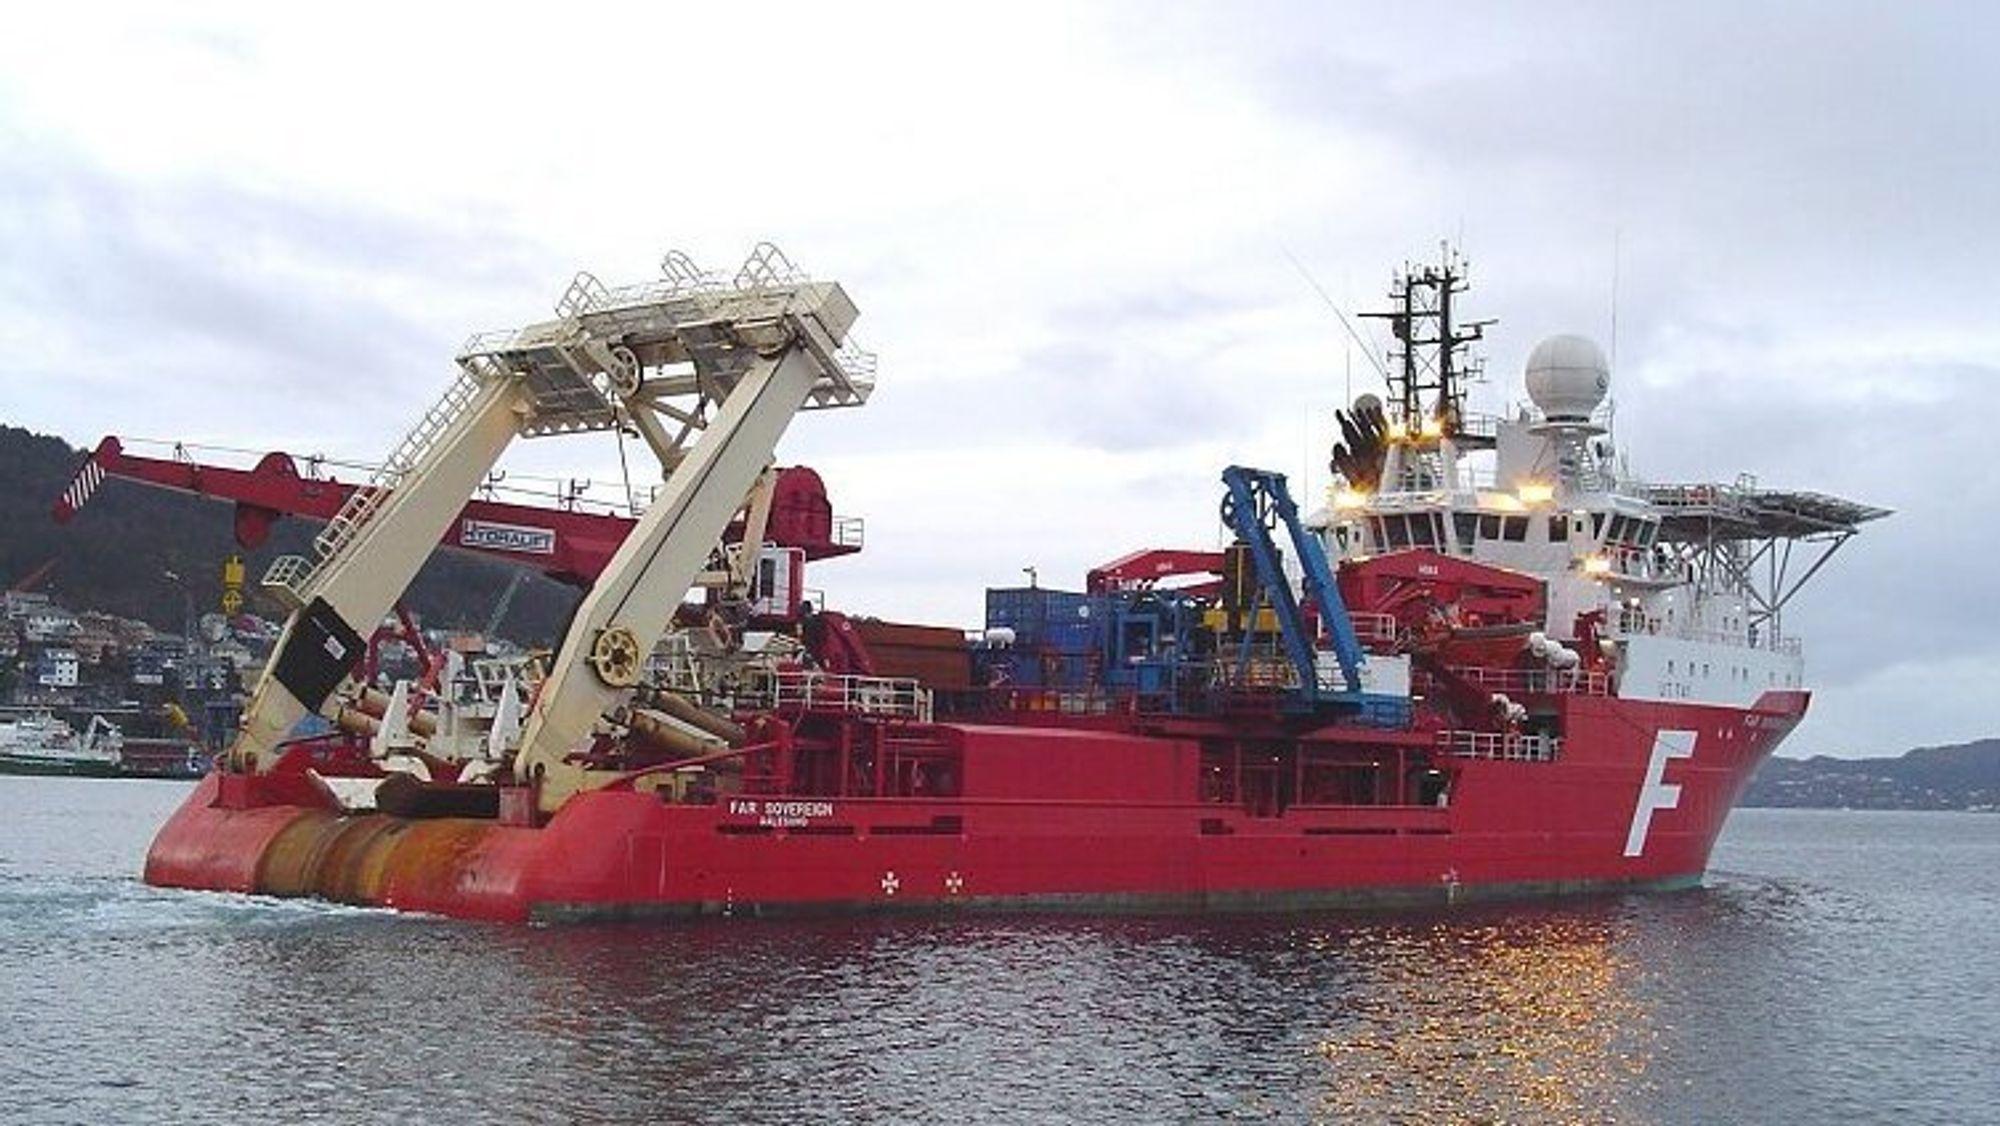 Ankerhåndteringsskipet Far Sovereign tilhørte en gang verdens største offshorerederi, Farstad, før det i 2017 ble en del av Solstad Offshore i kjølvannet av 2014-oljeprisfallet. Skipet ble bygget i 1999.